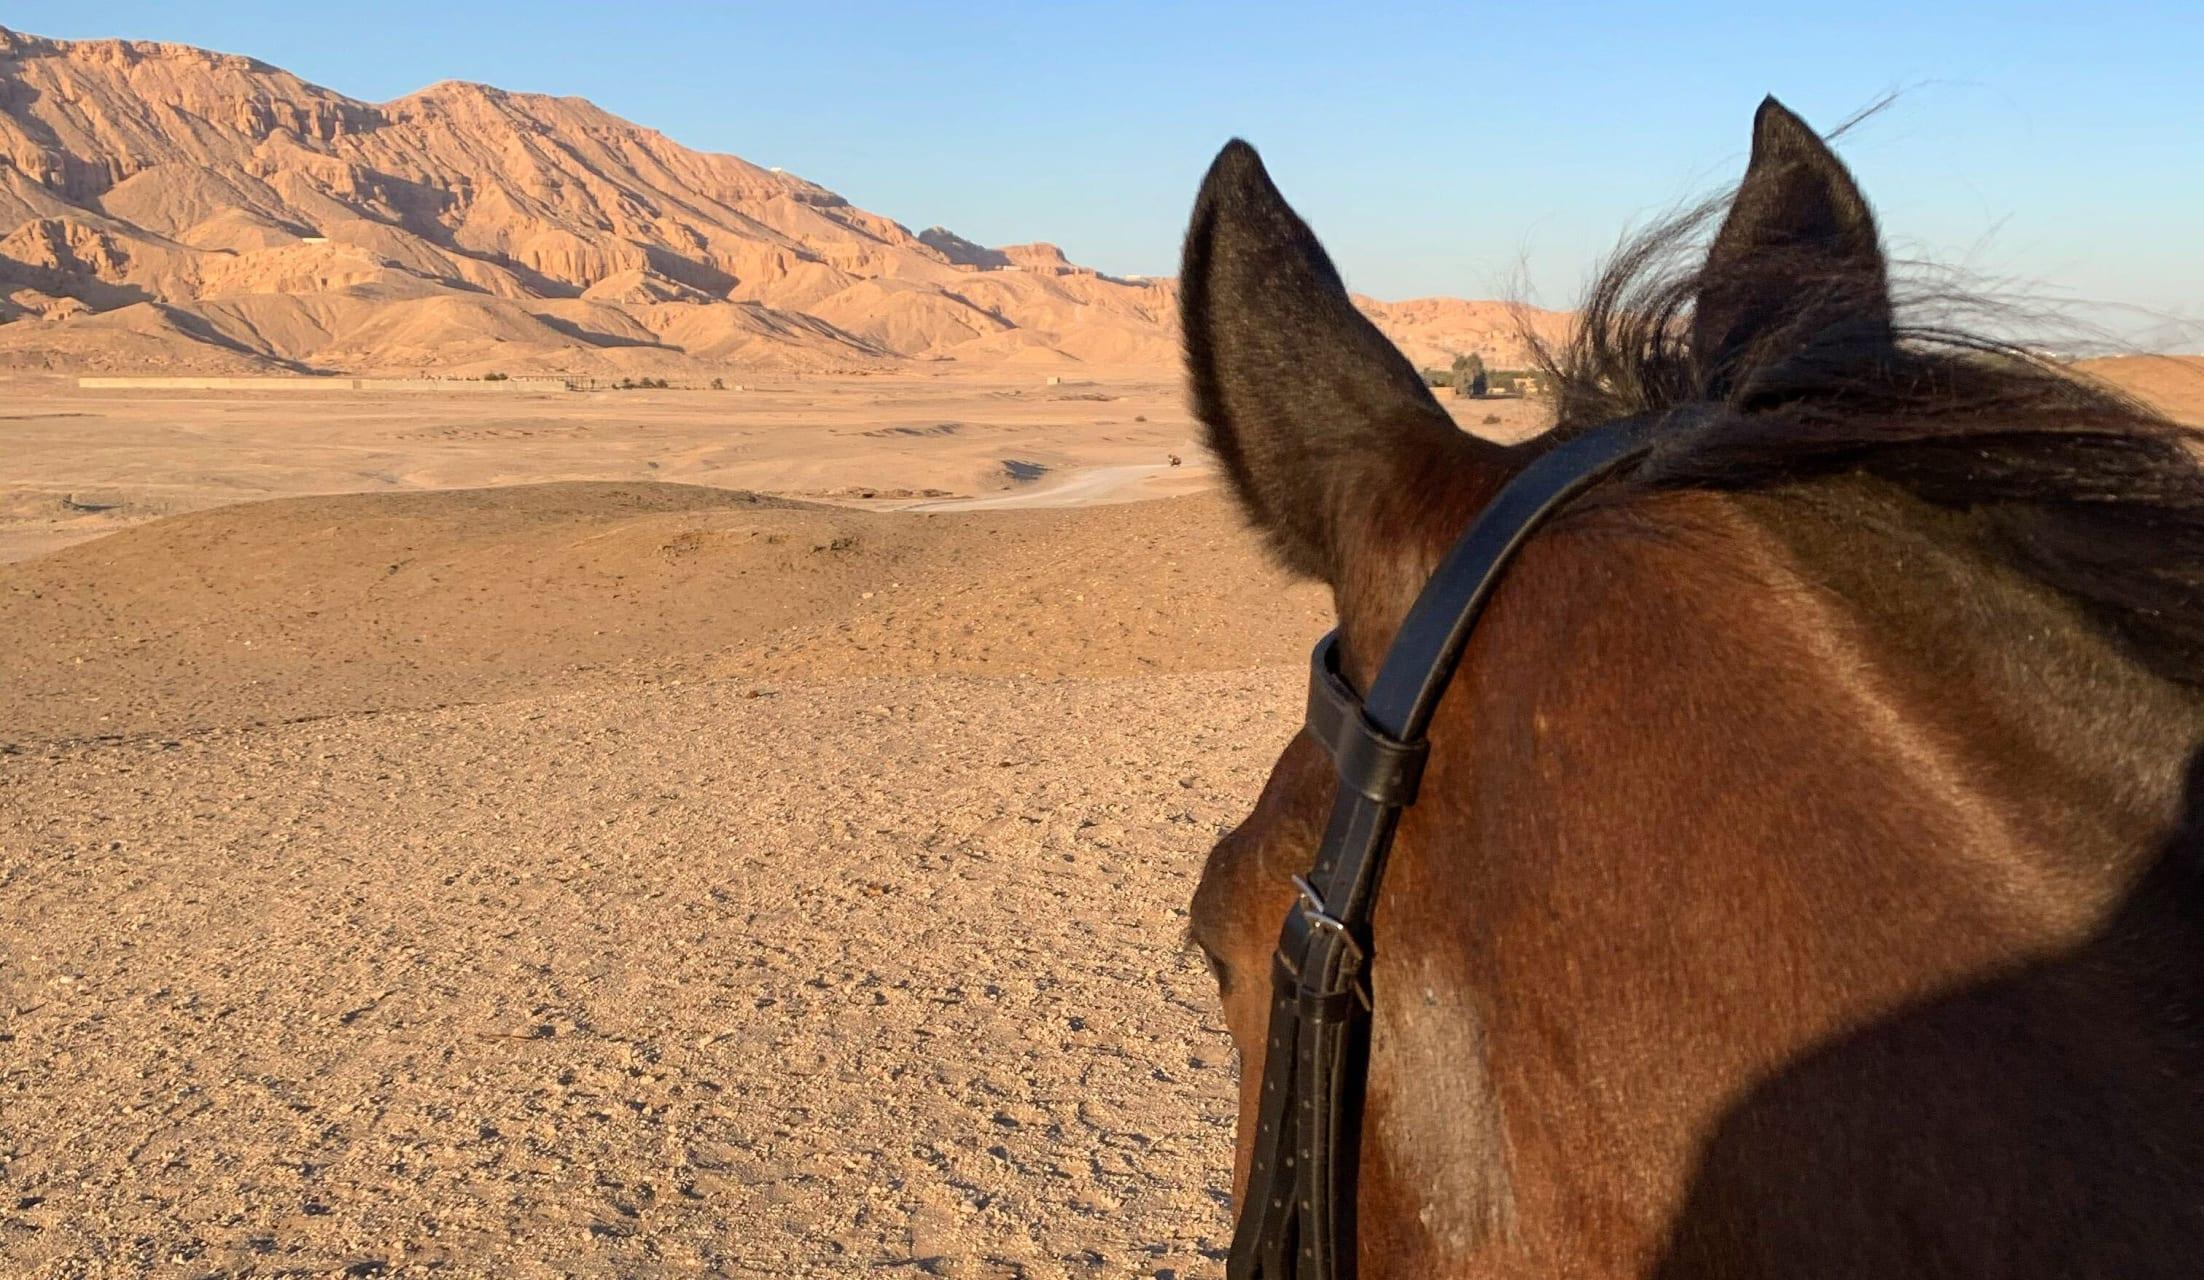 Luxor - The Theban Desert On Horseback